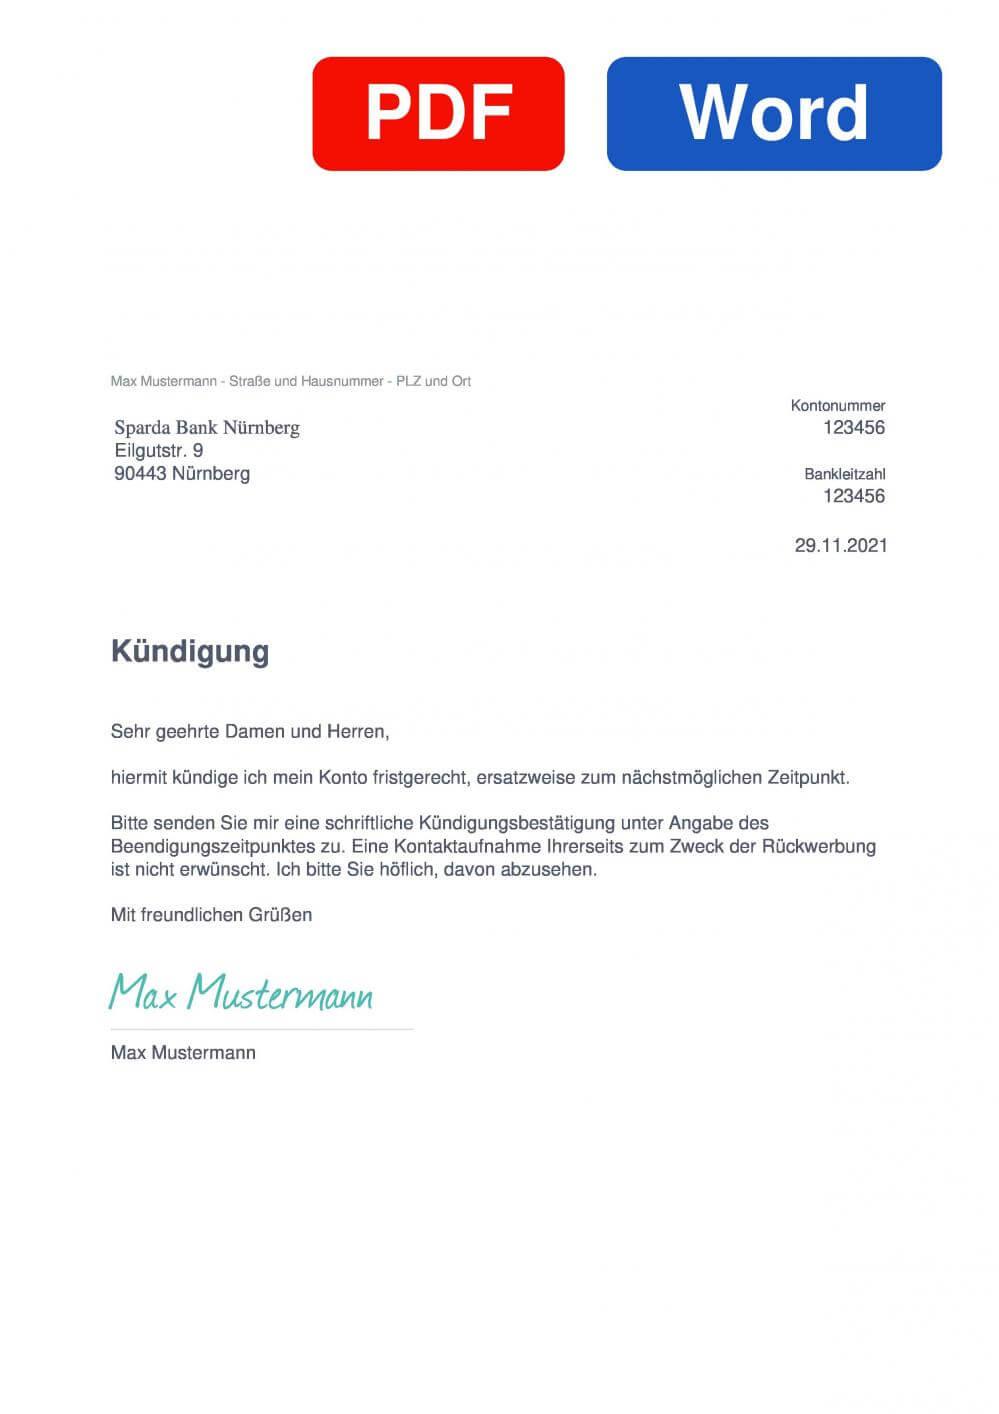 Sparda Bank Nürnberg Muster Vorlage für Kündigungsschreiben